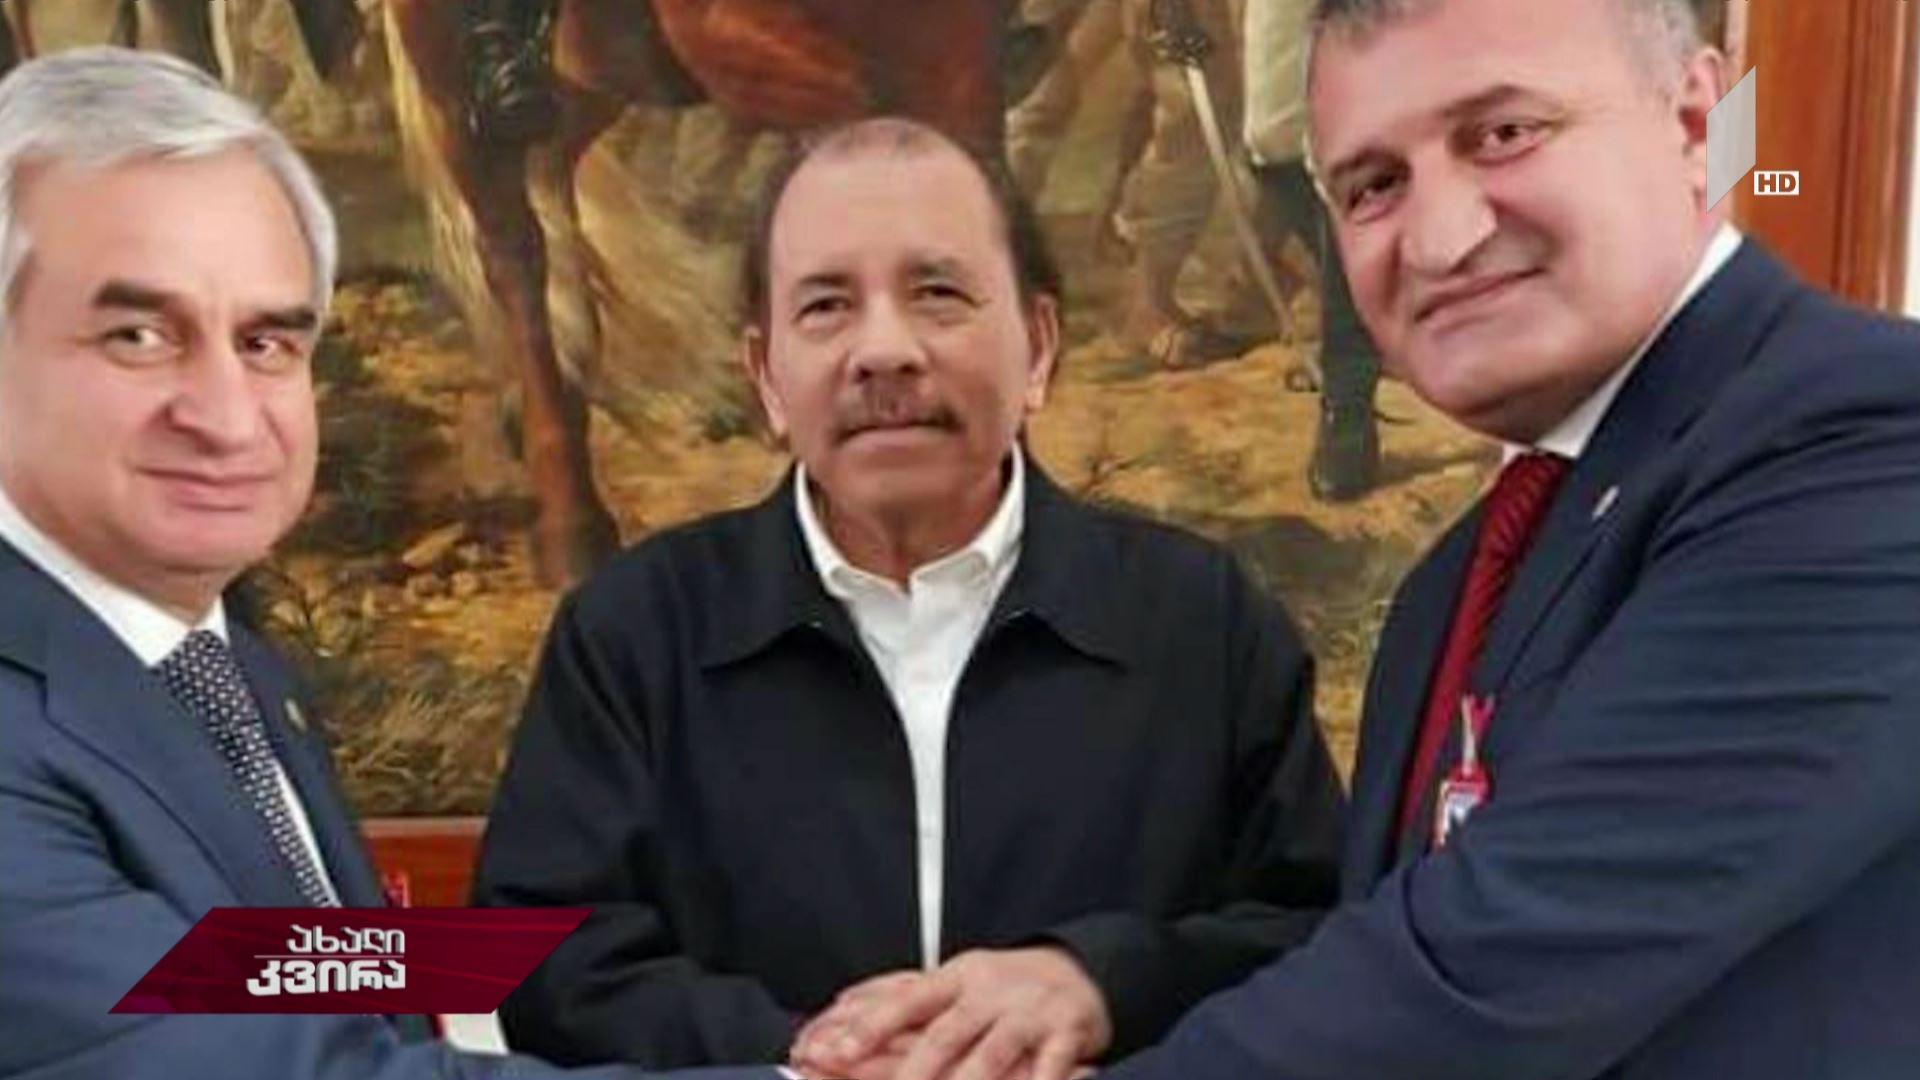 ლათინური ამერიკა და არაღიარების პოლიტიკა